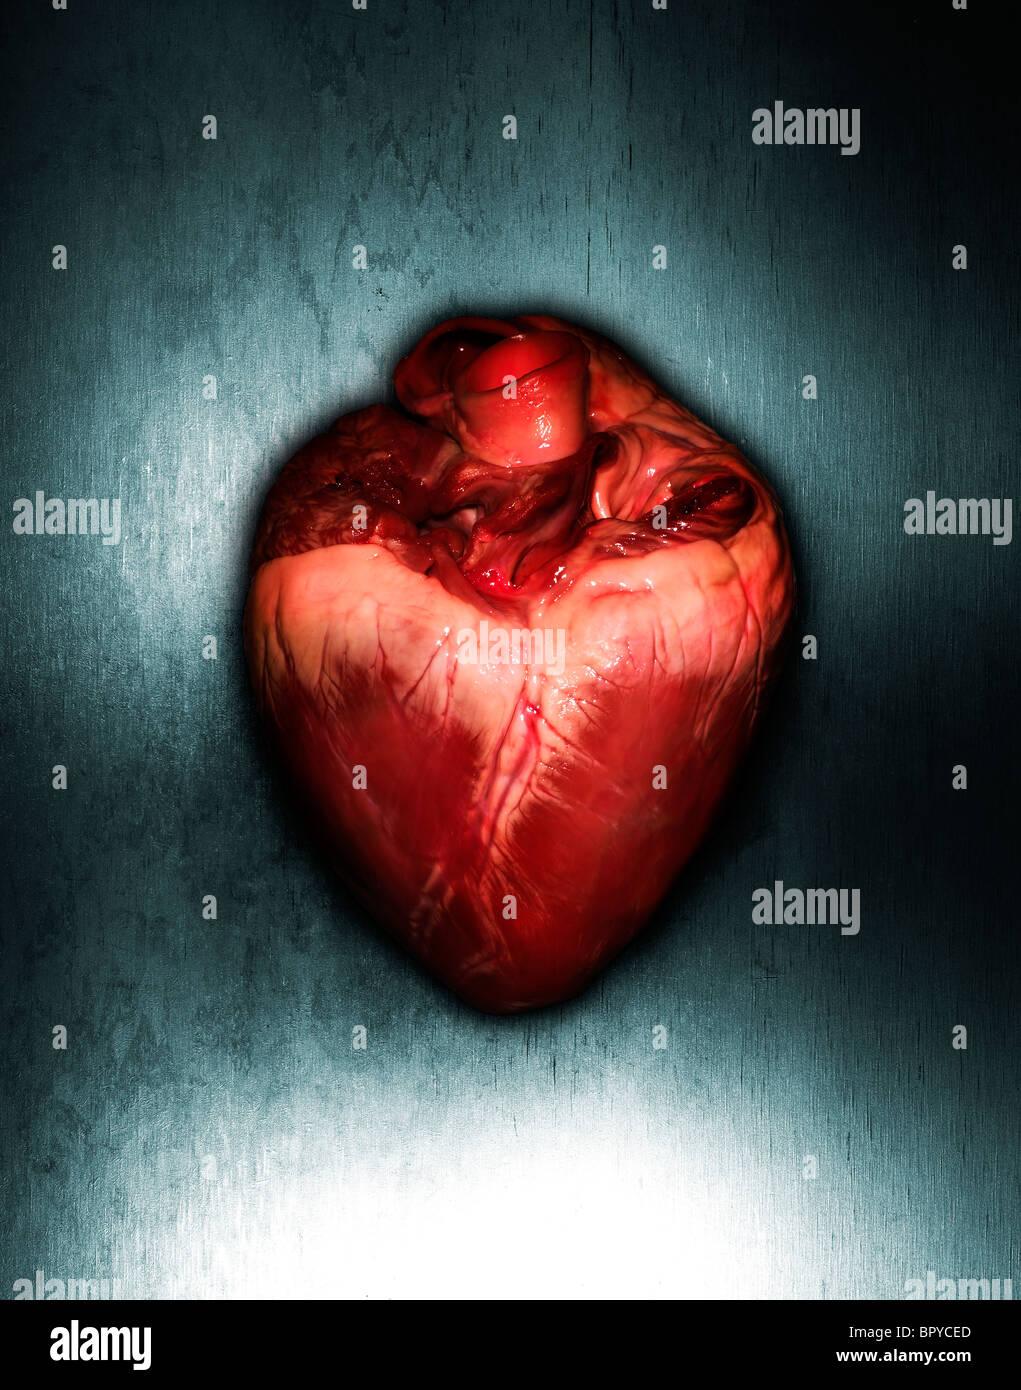 Un corazón sobre un fondo de metal con una iluminación dramática Imagen De Stock